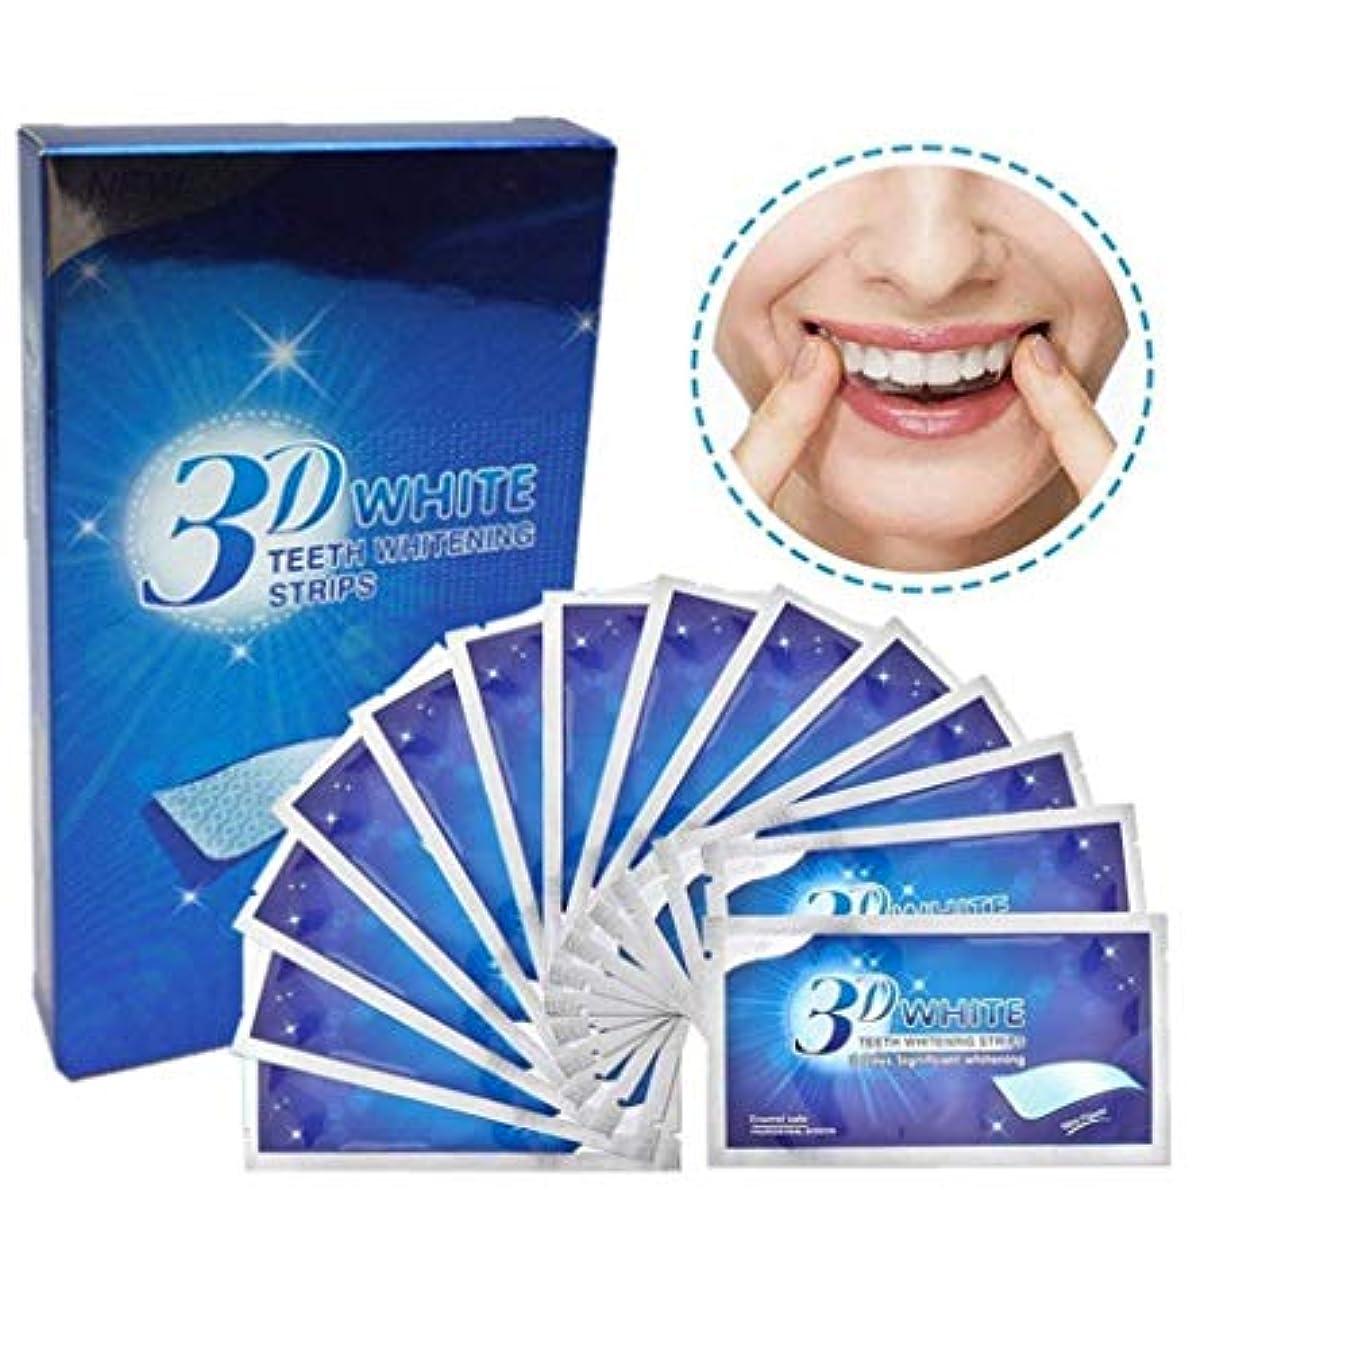 危険な数学理解歯 美白 ホワイトニング マニキュア 歯ケア 歯のホワイトニング 美白歯磨き 歯を白 ホワイトニングテープ 歯を漂白 14セット/28枚